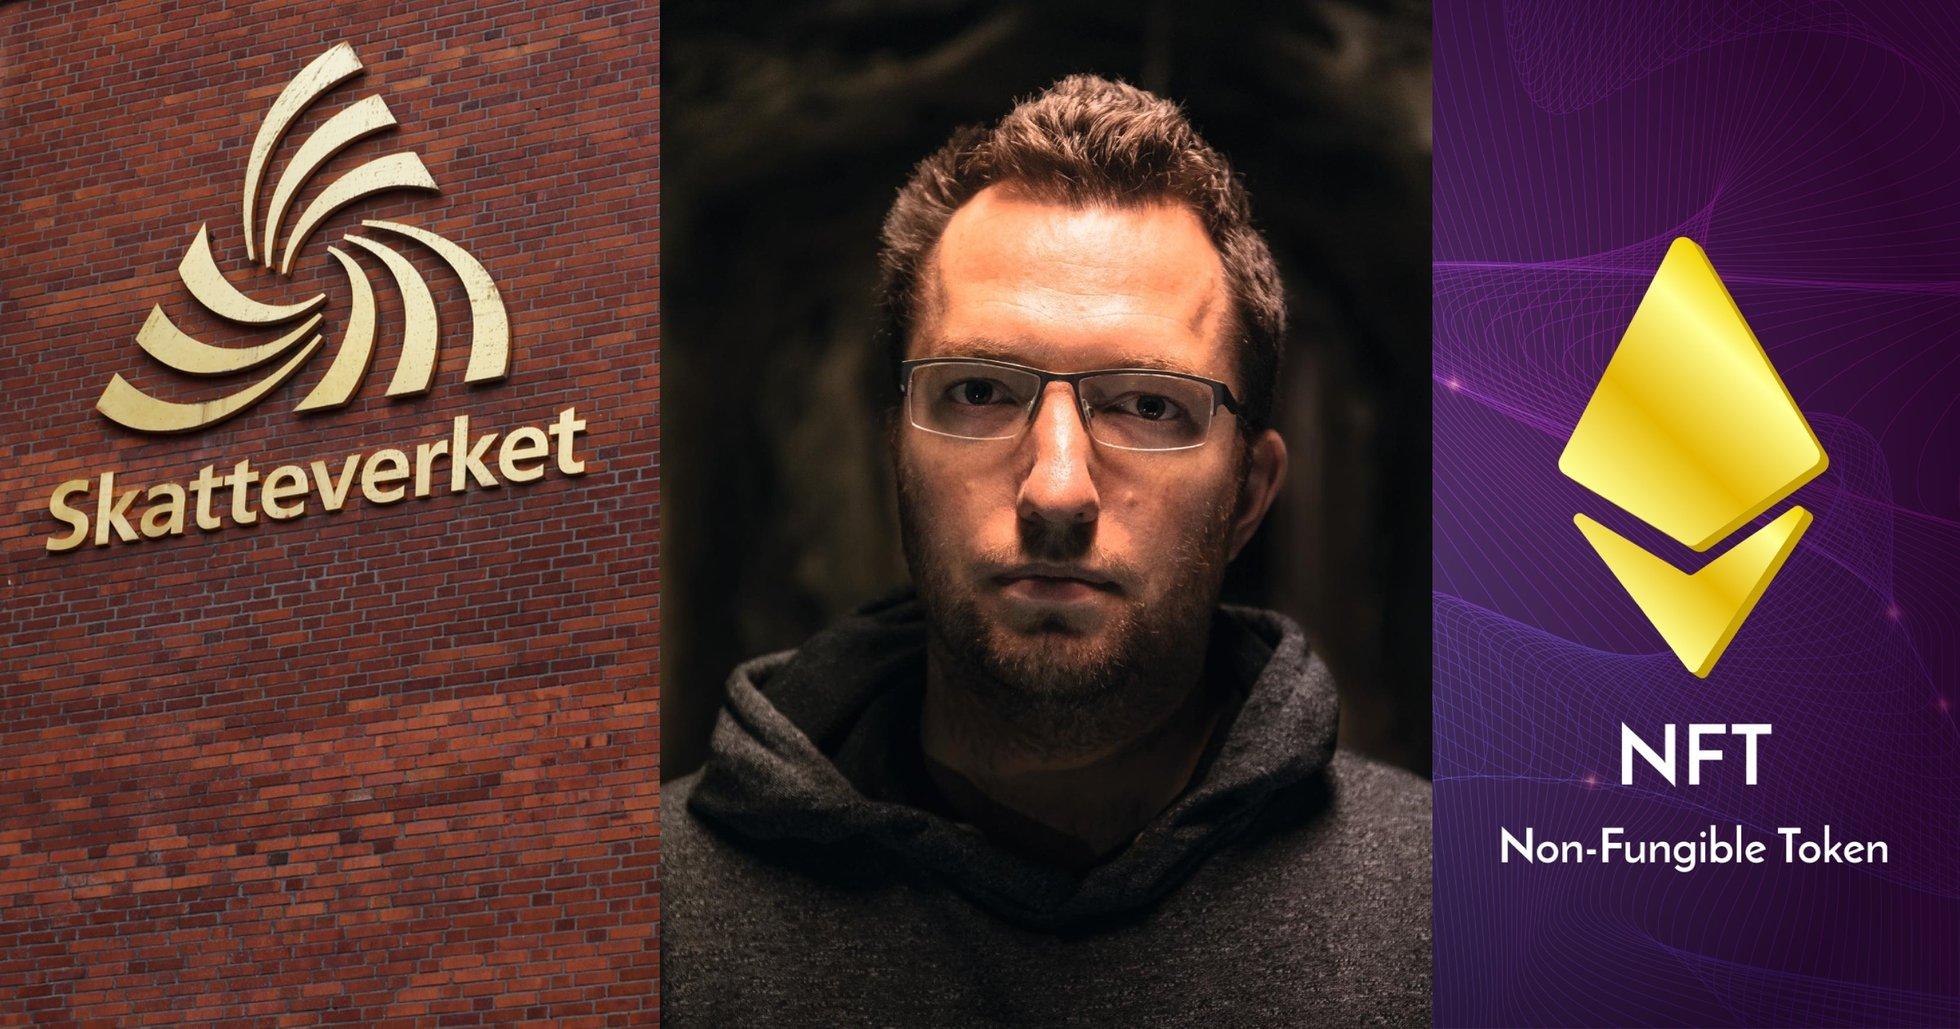 Svensk bitcoinprofil vill finansiera sin kamp mot Skatteverket med NFT:er